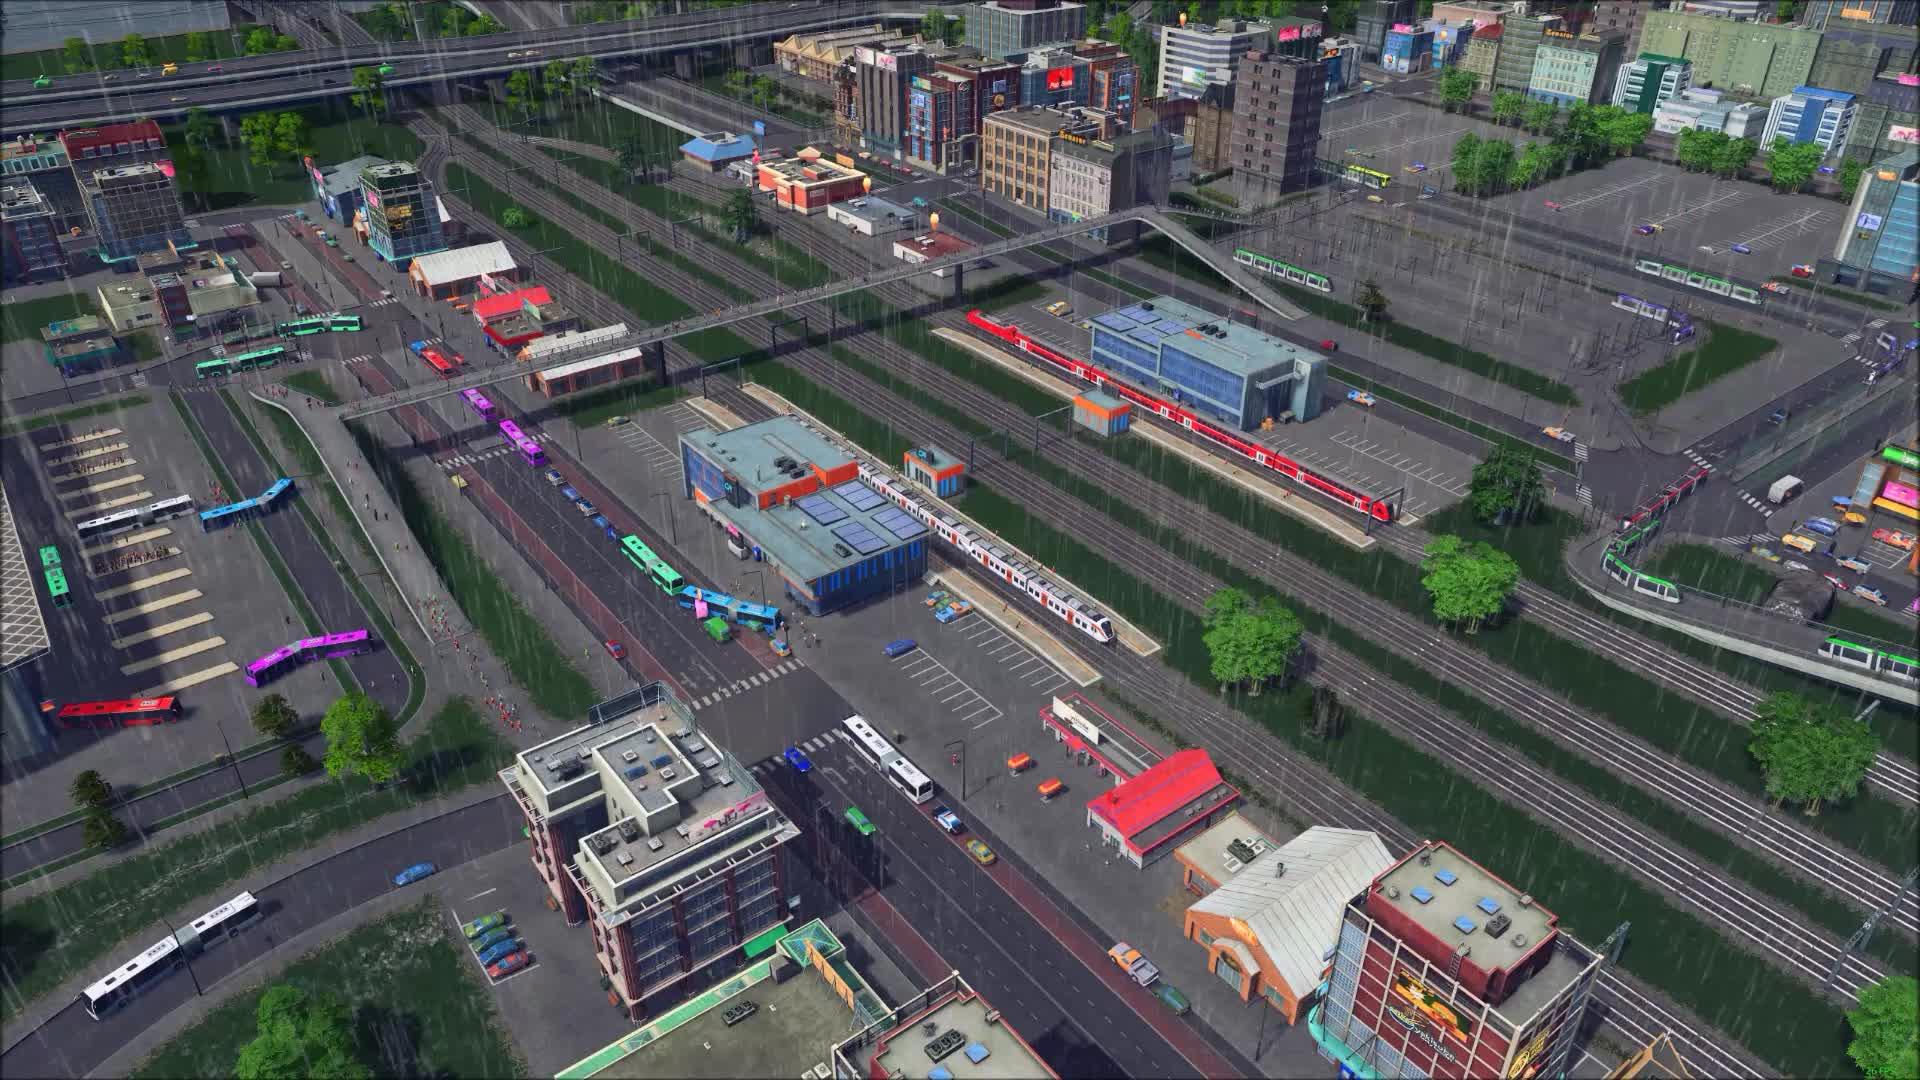 citiesskylines, Skylines GIFs